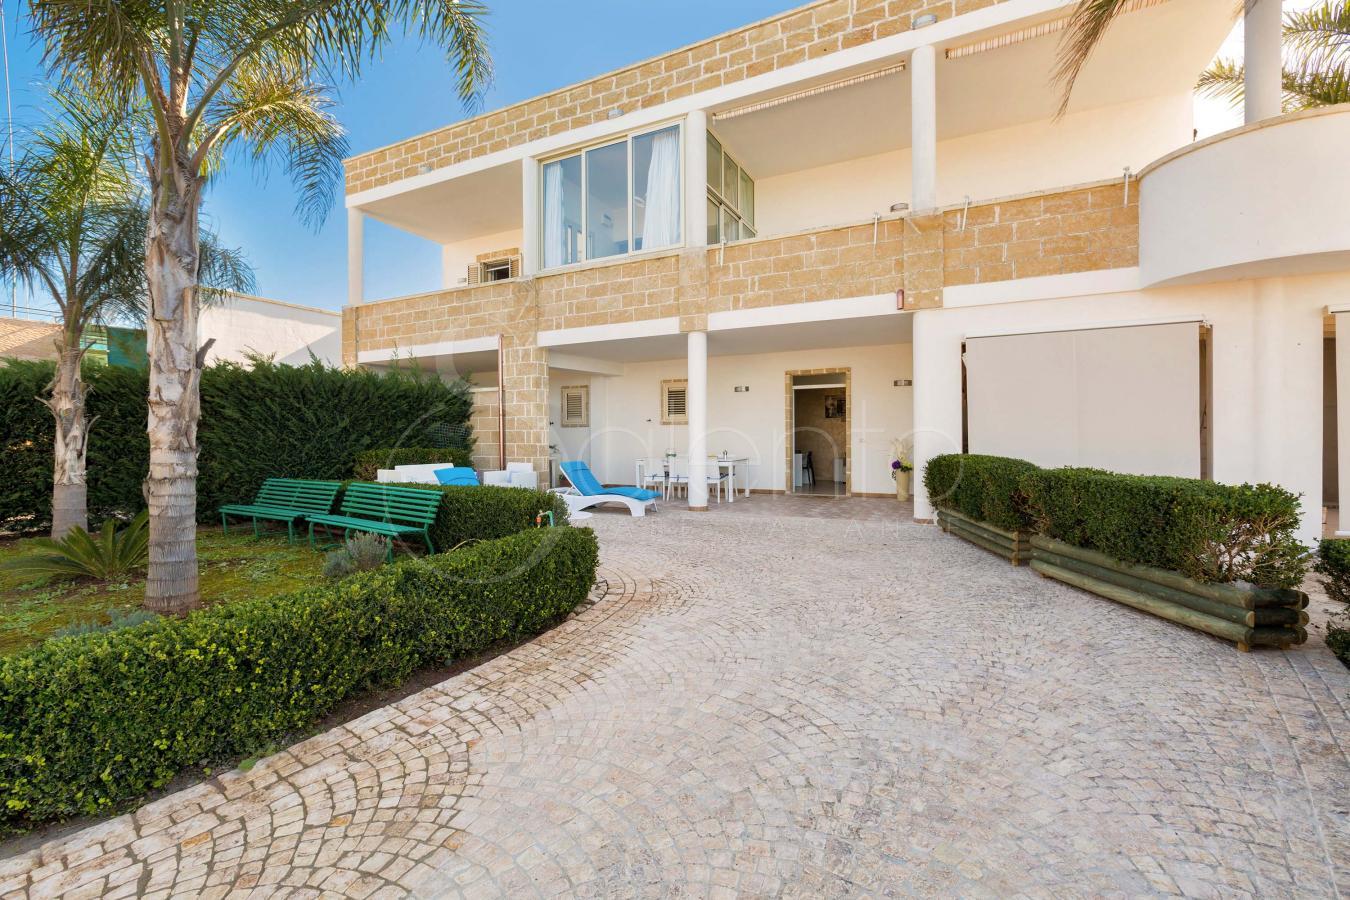 small villas - Porto Cesareo - Villa La Strea